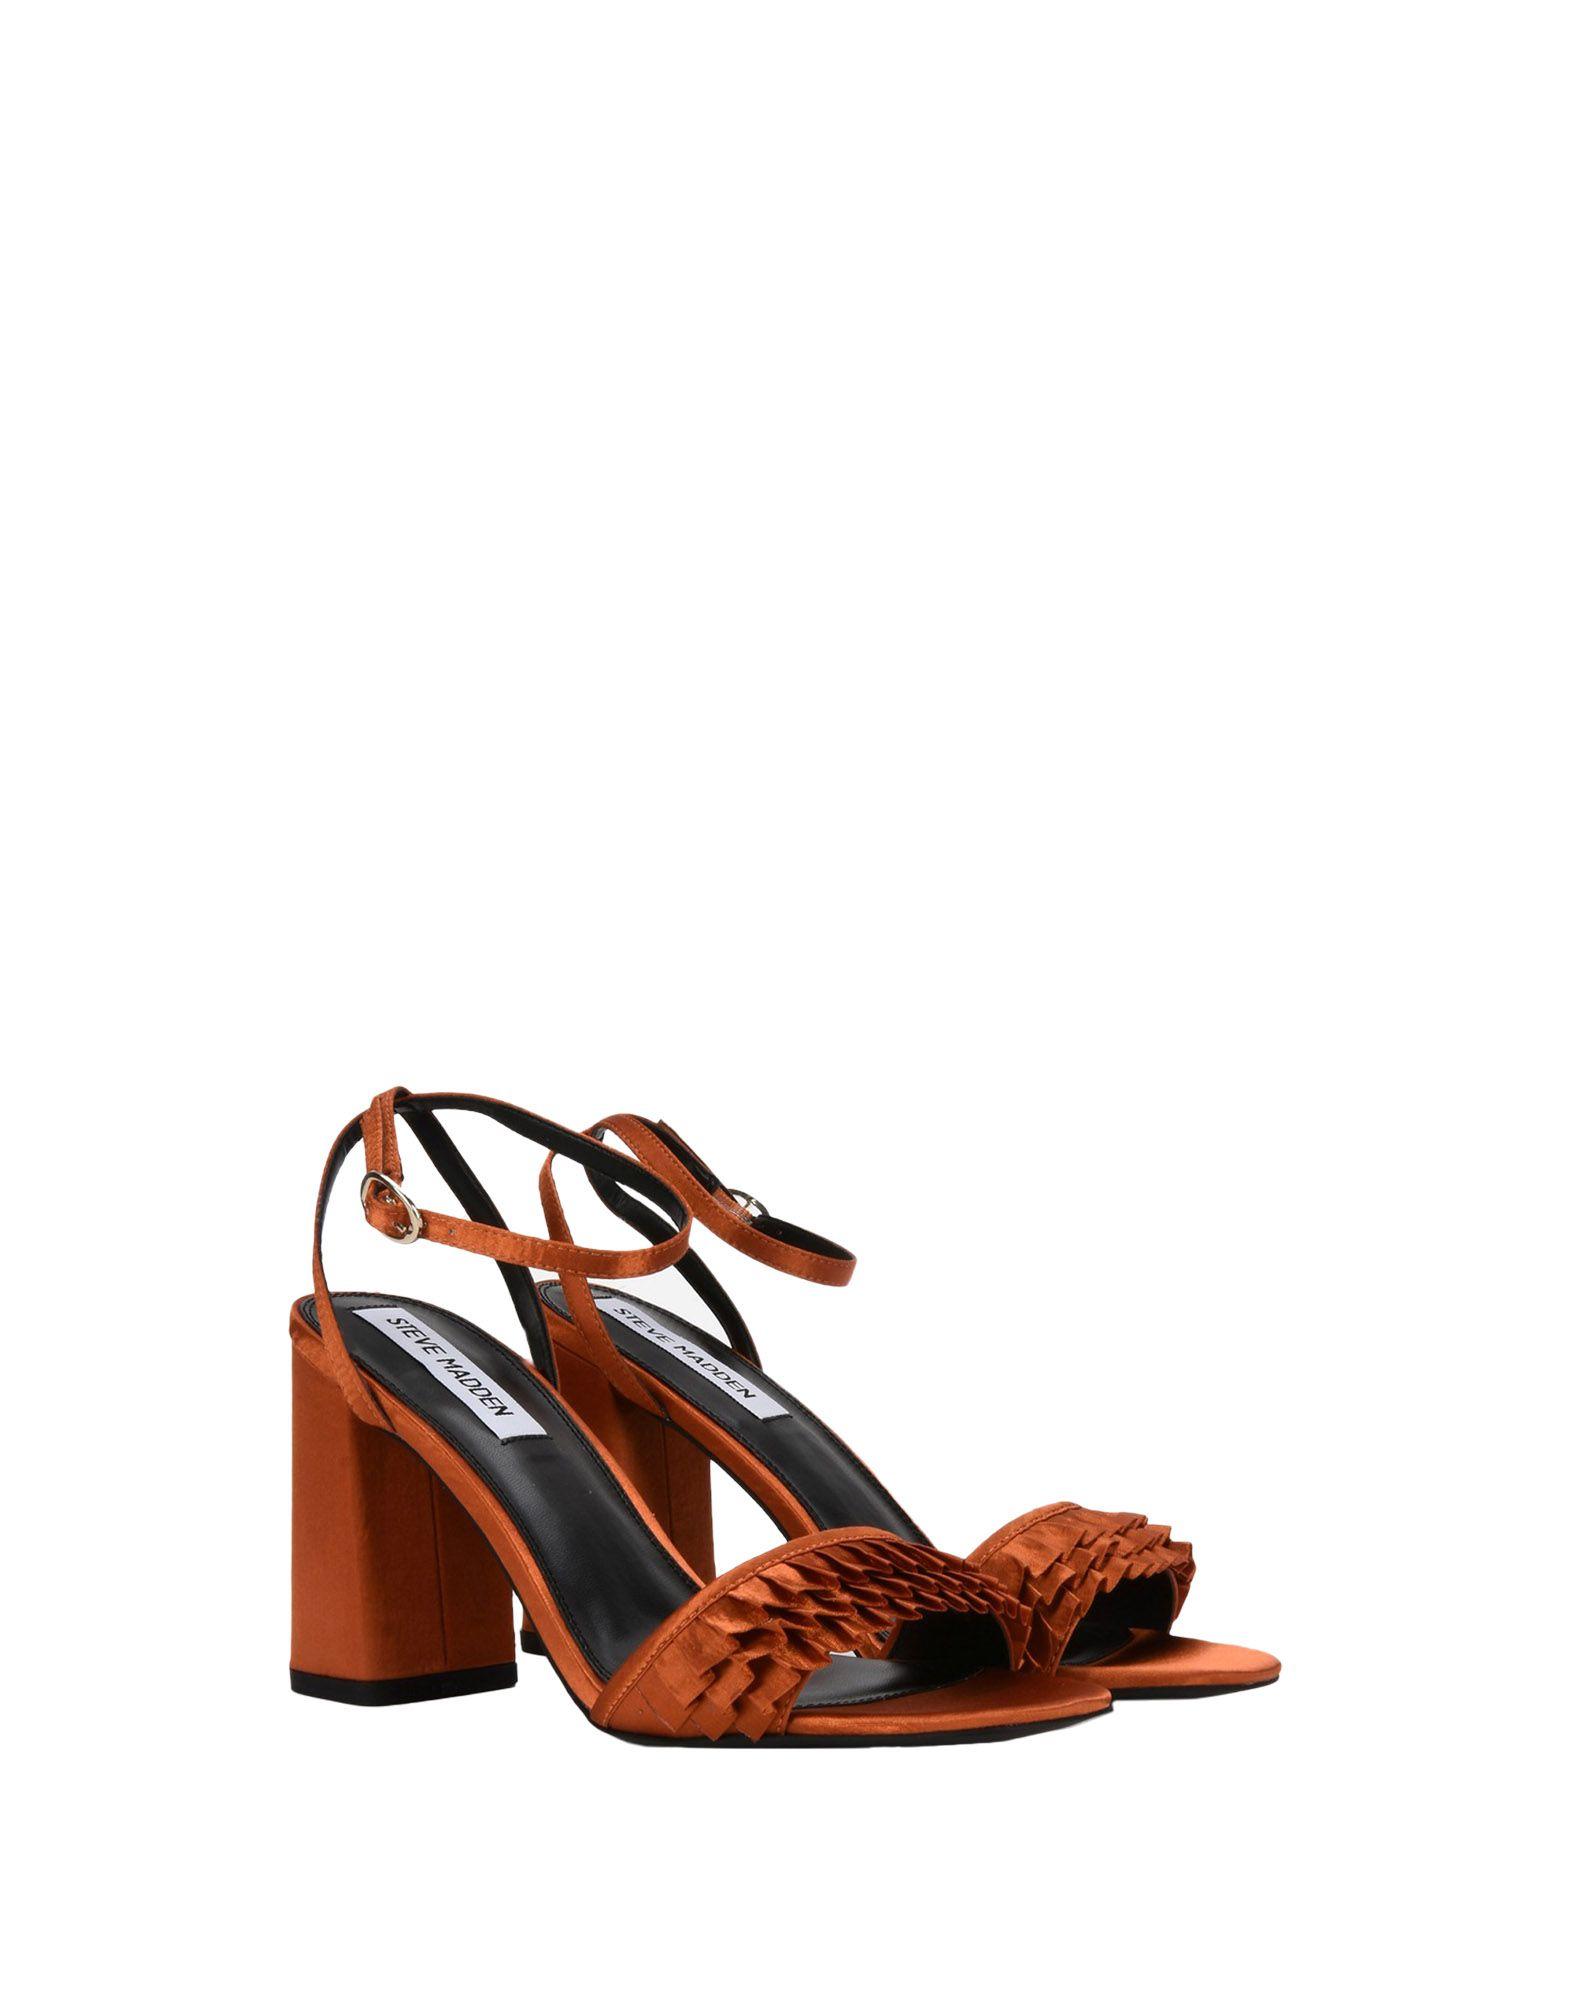 Steve Madden Akkrum Sandal  11457481XN Gute Qualität beliebte beliebte beliebte Schuhe 7720b8